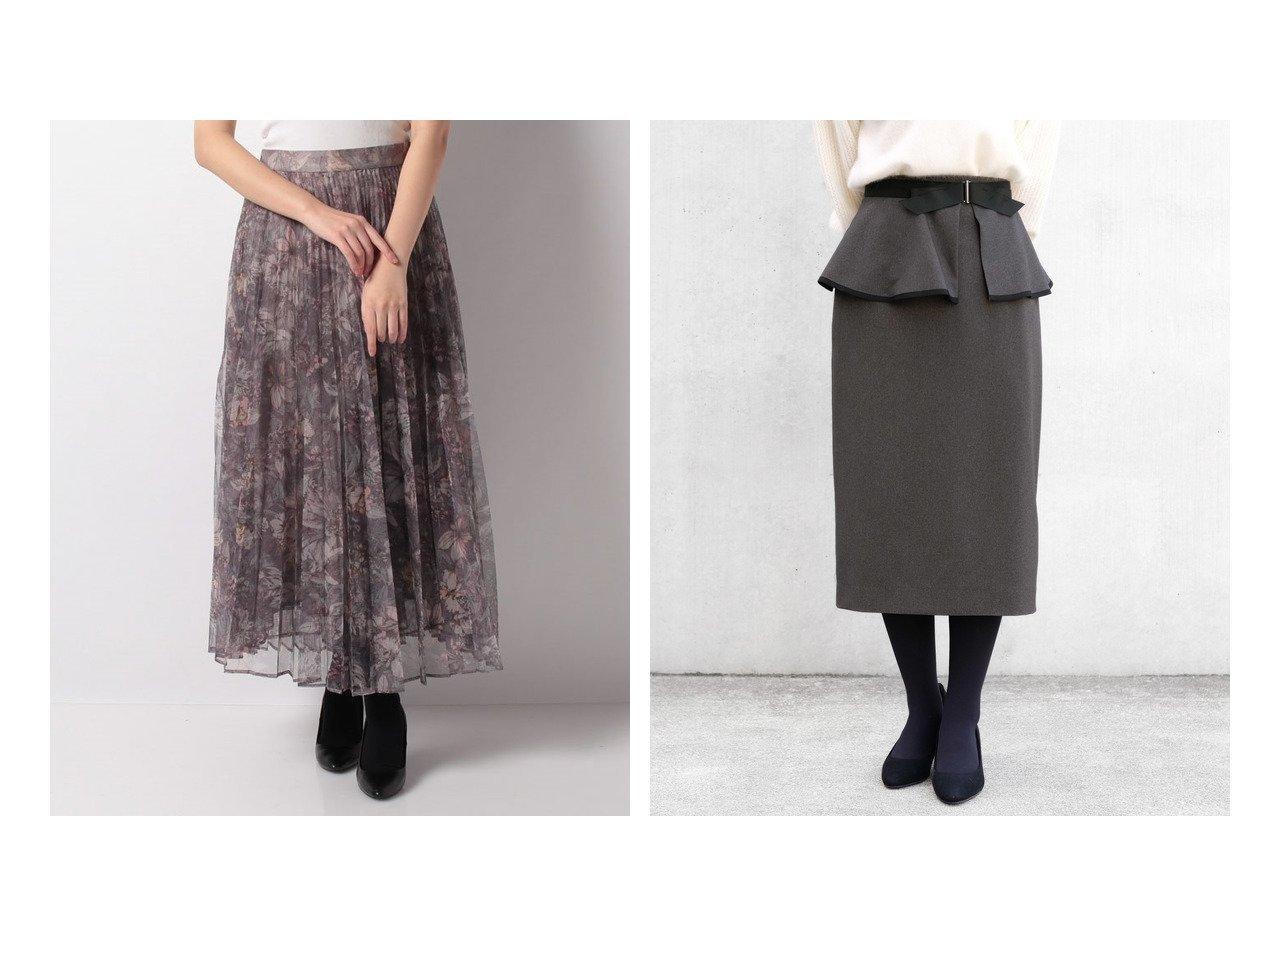 【STRAWBERRY FIELDS/ストロベリーフィールズ】のラナリーサージ スカート&【Mystrada/マイストラーダ】のリーフフラワープリーツスカート スカートのおすすめ!人気トレンド・レディースファッションの通販 おすすめで人気のファッション通販商品 インテリア・家具・キッズファッション・メンズファッション・レディースファッション・服の通販 founy(ファニー) https://founy.com/ ファッション Fashion レディース WOMEN スカート Skirt プリーツスカート Pleated Skirts エアリー エレガント シンプル プリント プリーツ ロマンティック タイトスカート ファブリック フェミニン フリル ペプラム 人気 今季 |ID:crp329100000007256